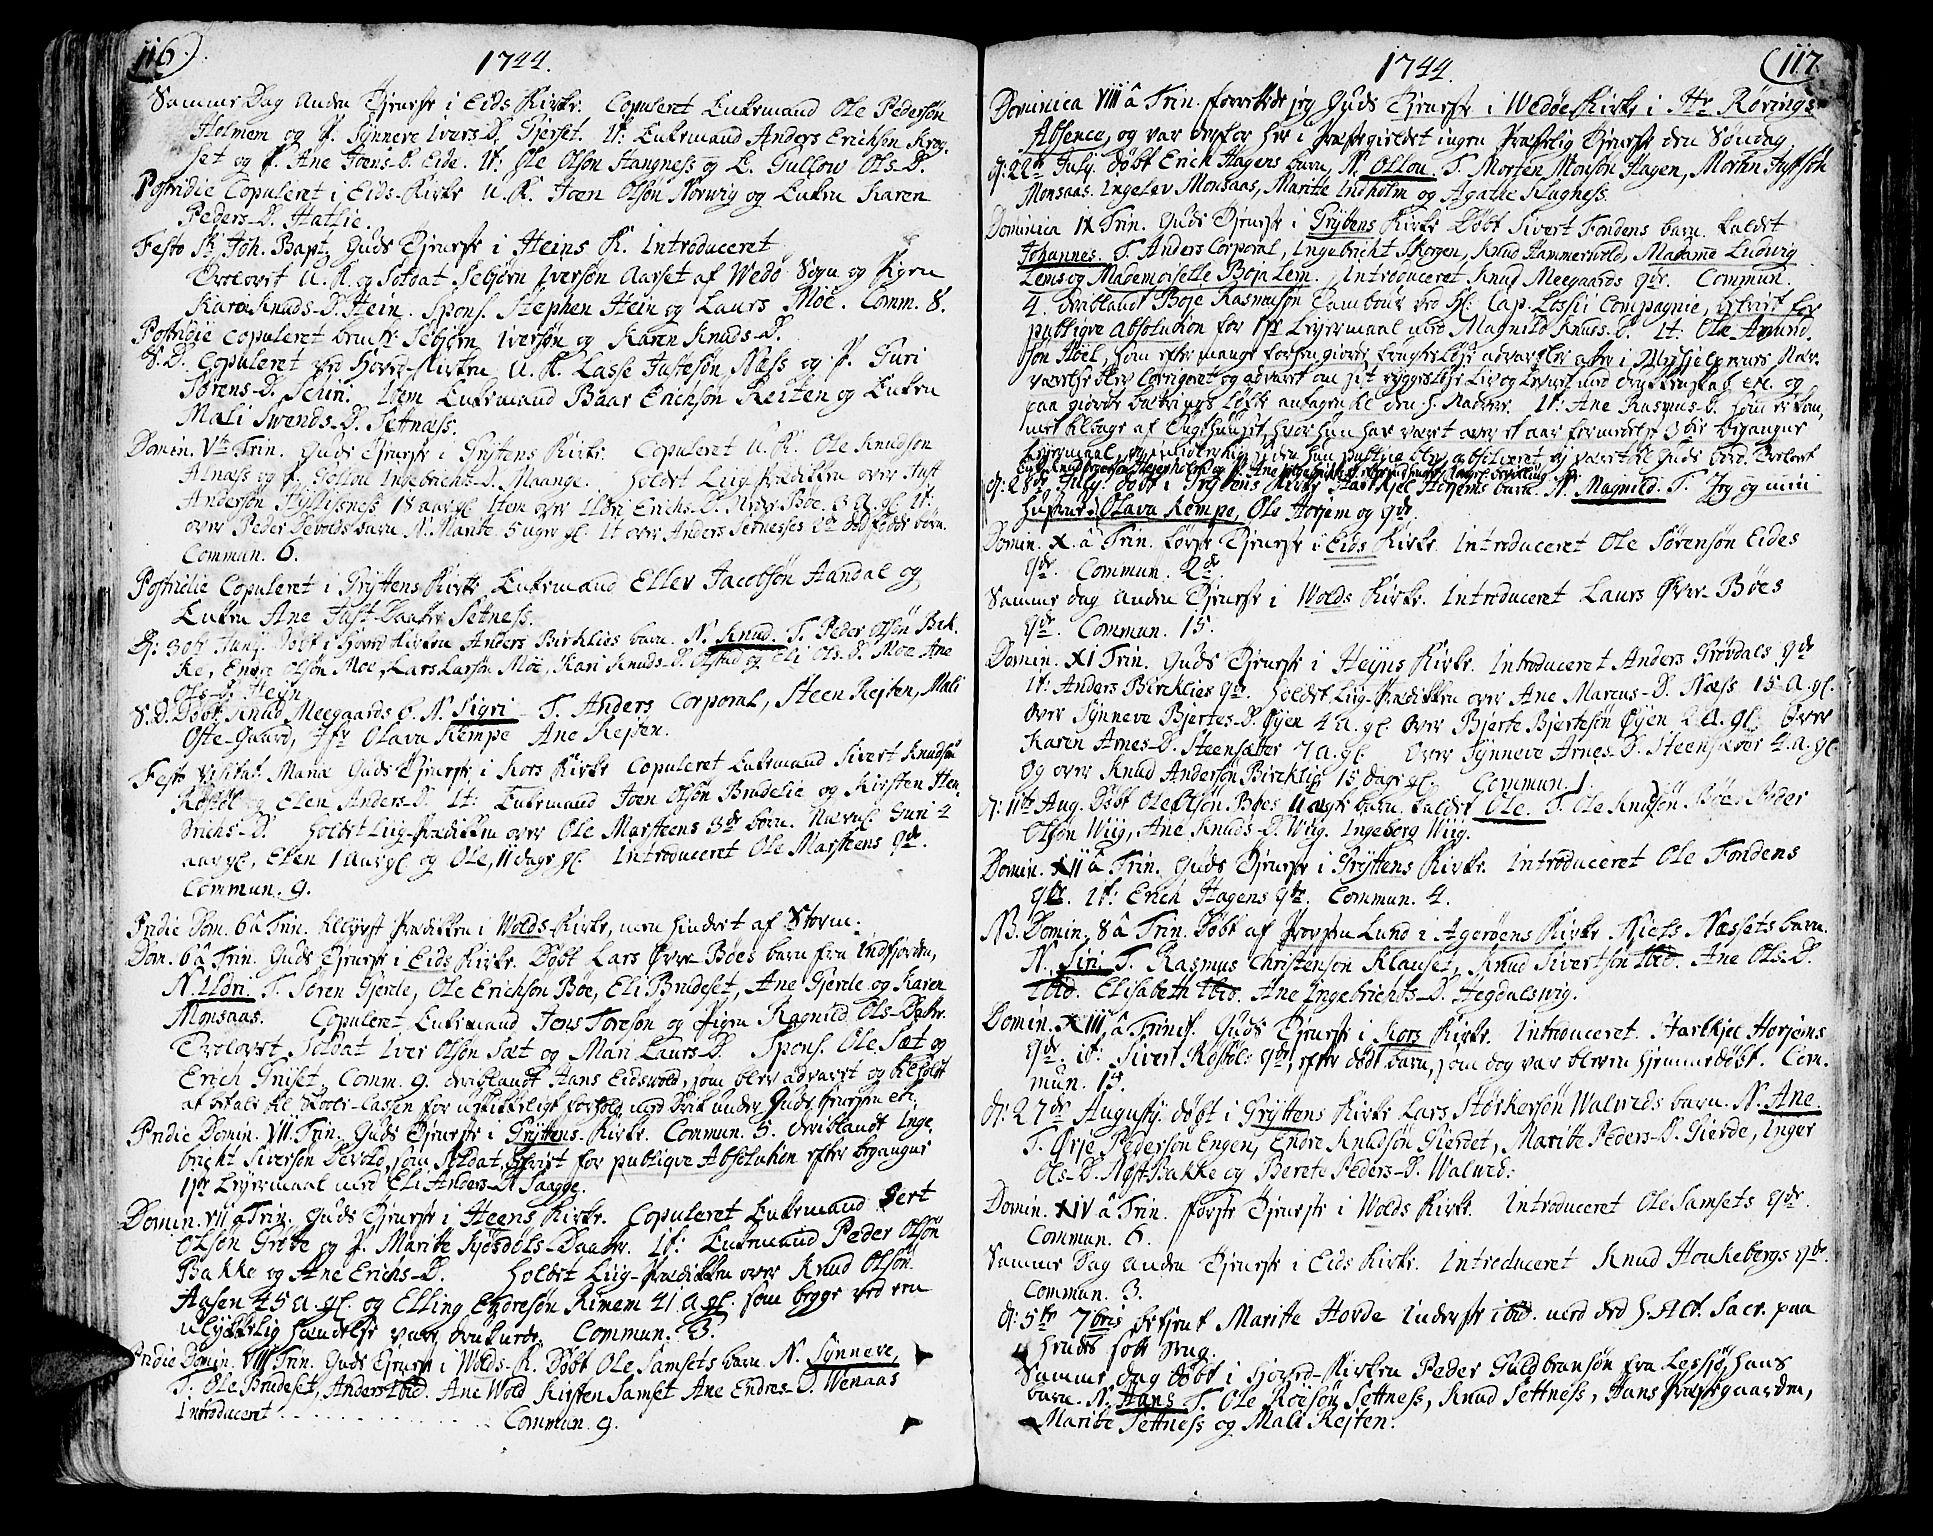 SAT, Ministerialprotokoller, klokkerbøker og fødselsregistre - Møre og Romsdal, 544/L0568: Parish register (official) no. 544A01, 1725-1763, p. 116-117